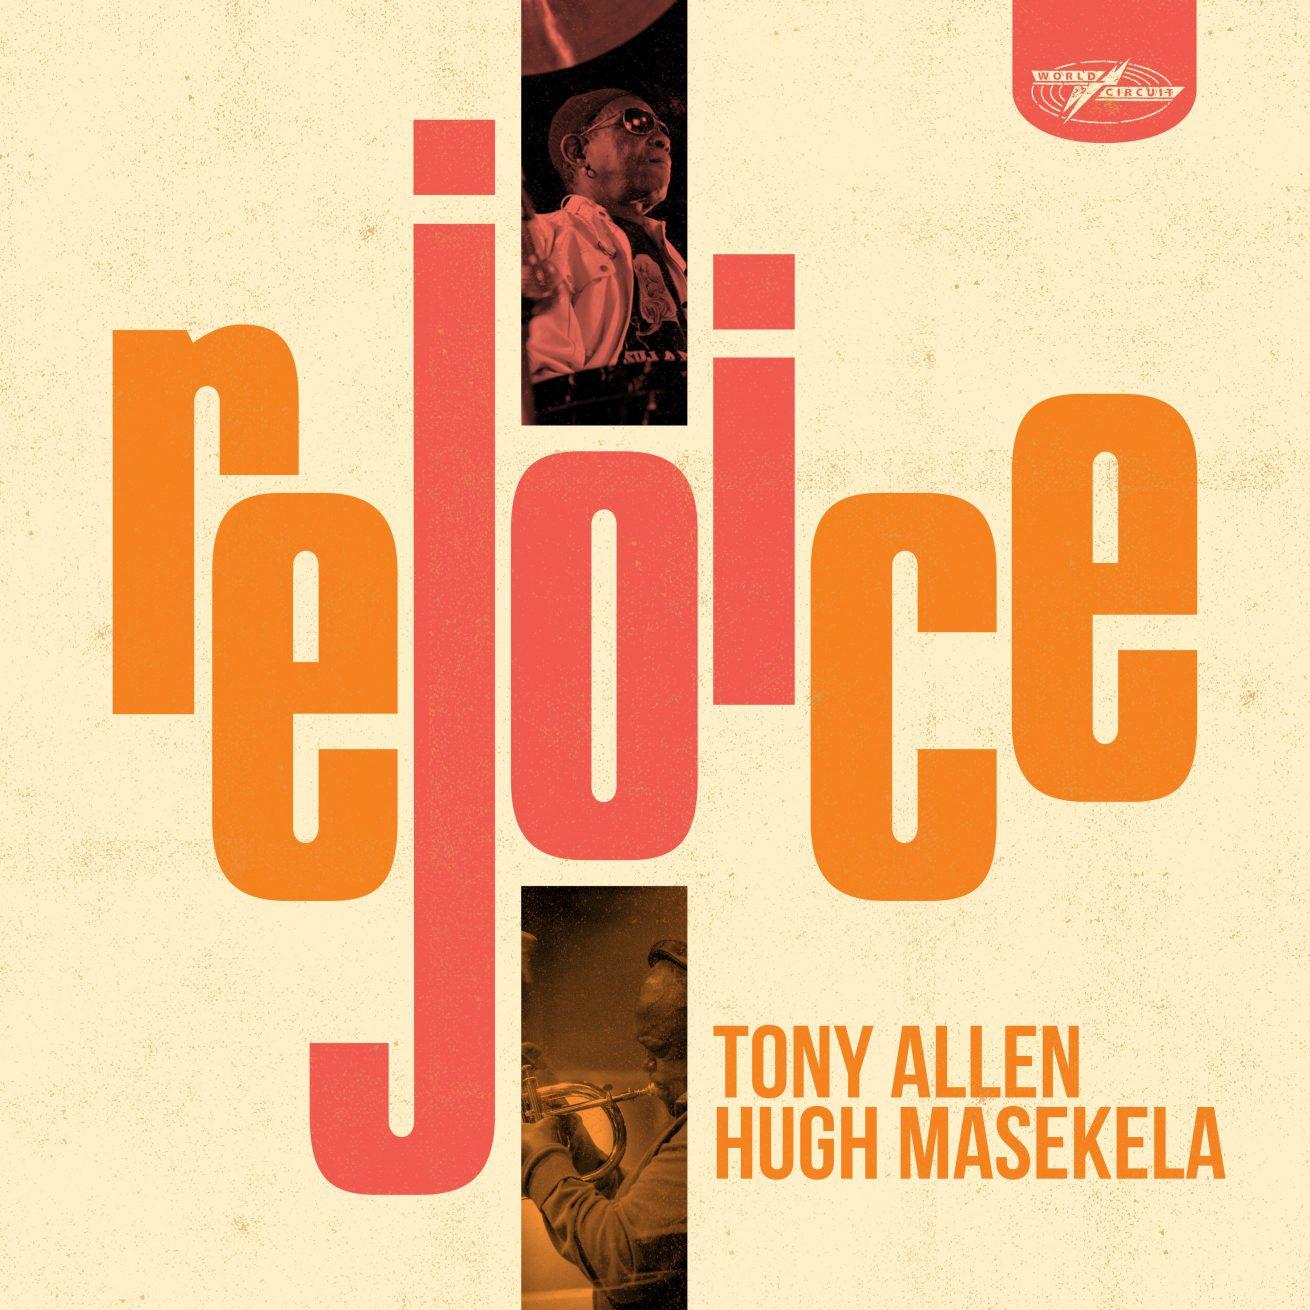 caz müziğin iki büyük ismi tony allen ve hugh masekela'dan ortak albüm geliyor